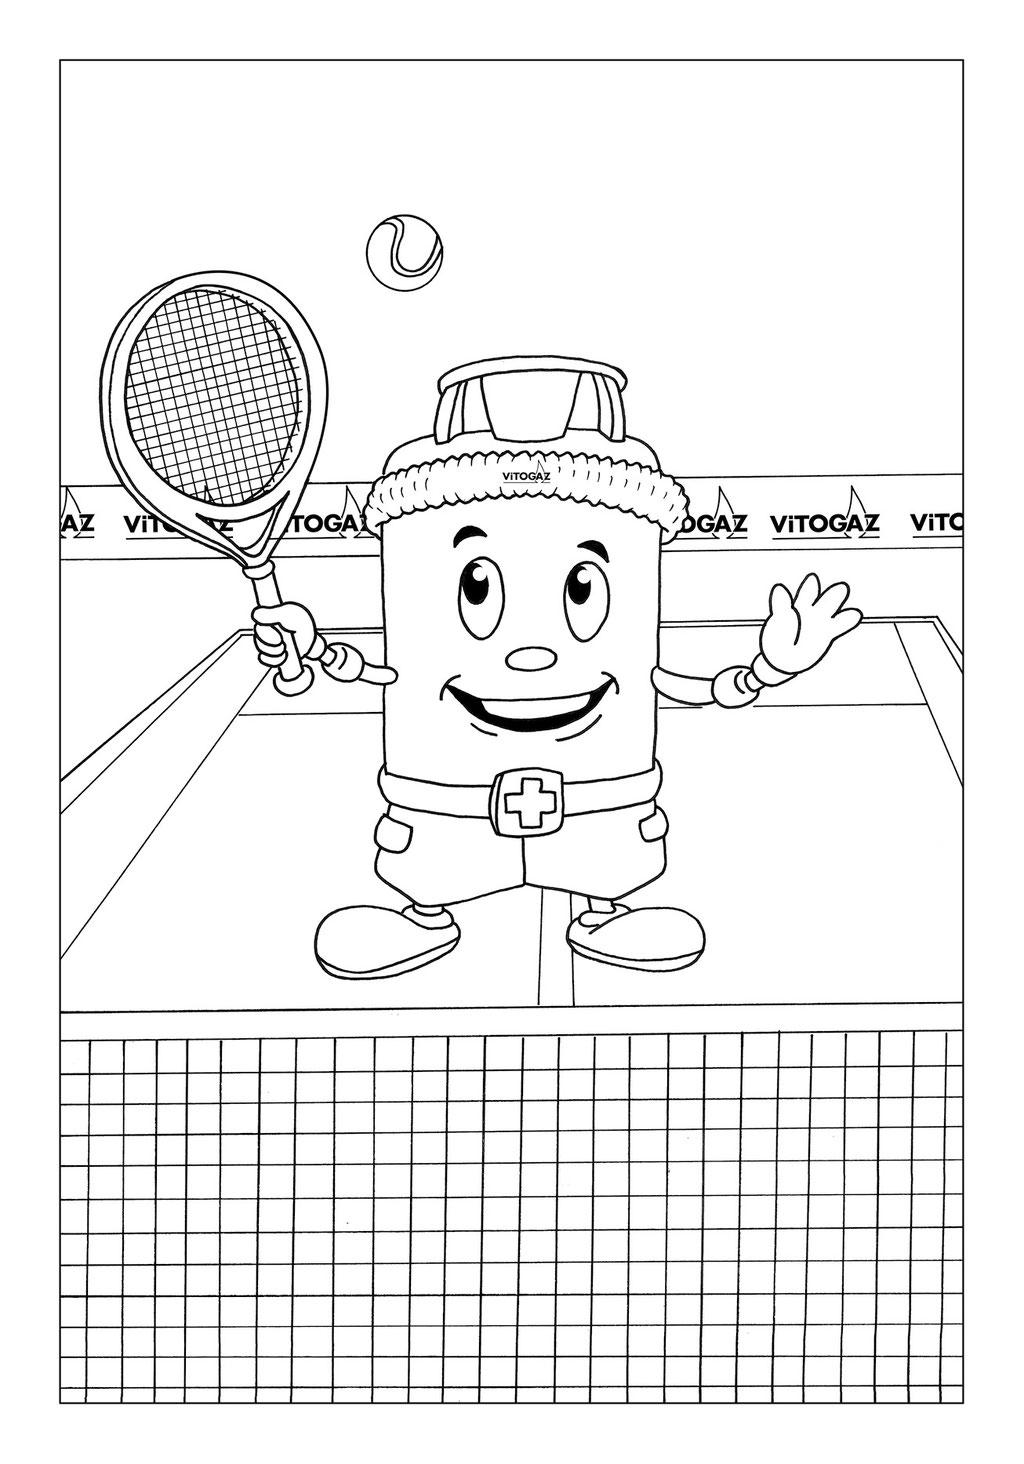 Vitogaz Kinder-Malbuch: Idee Zeichnung und Illustration: mit Schweissband und Schläger beim Tennisspielen